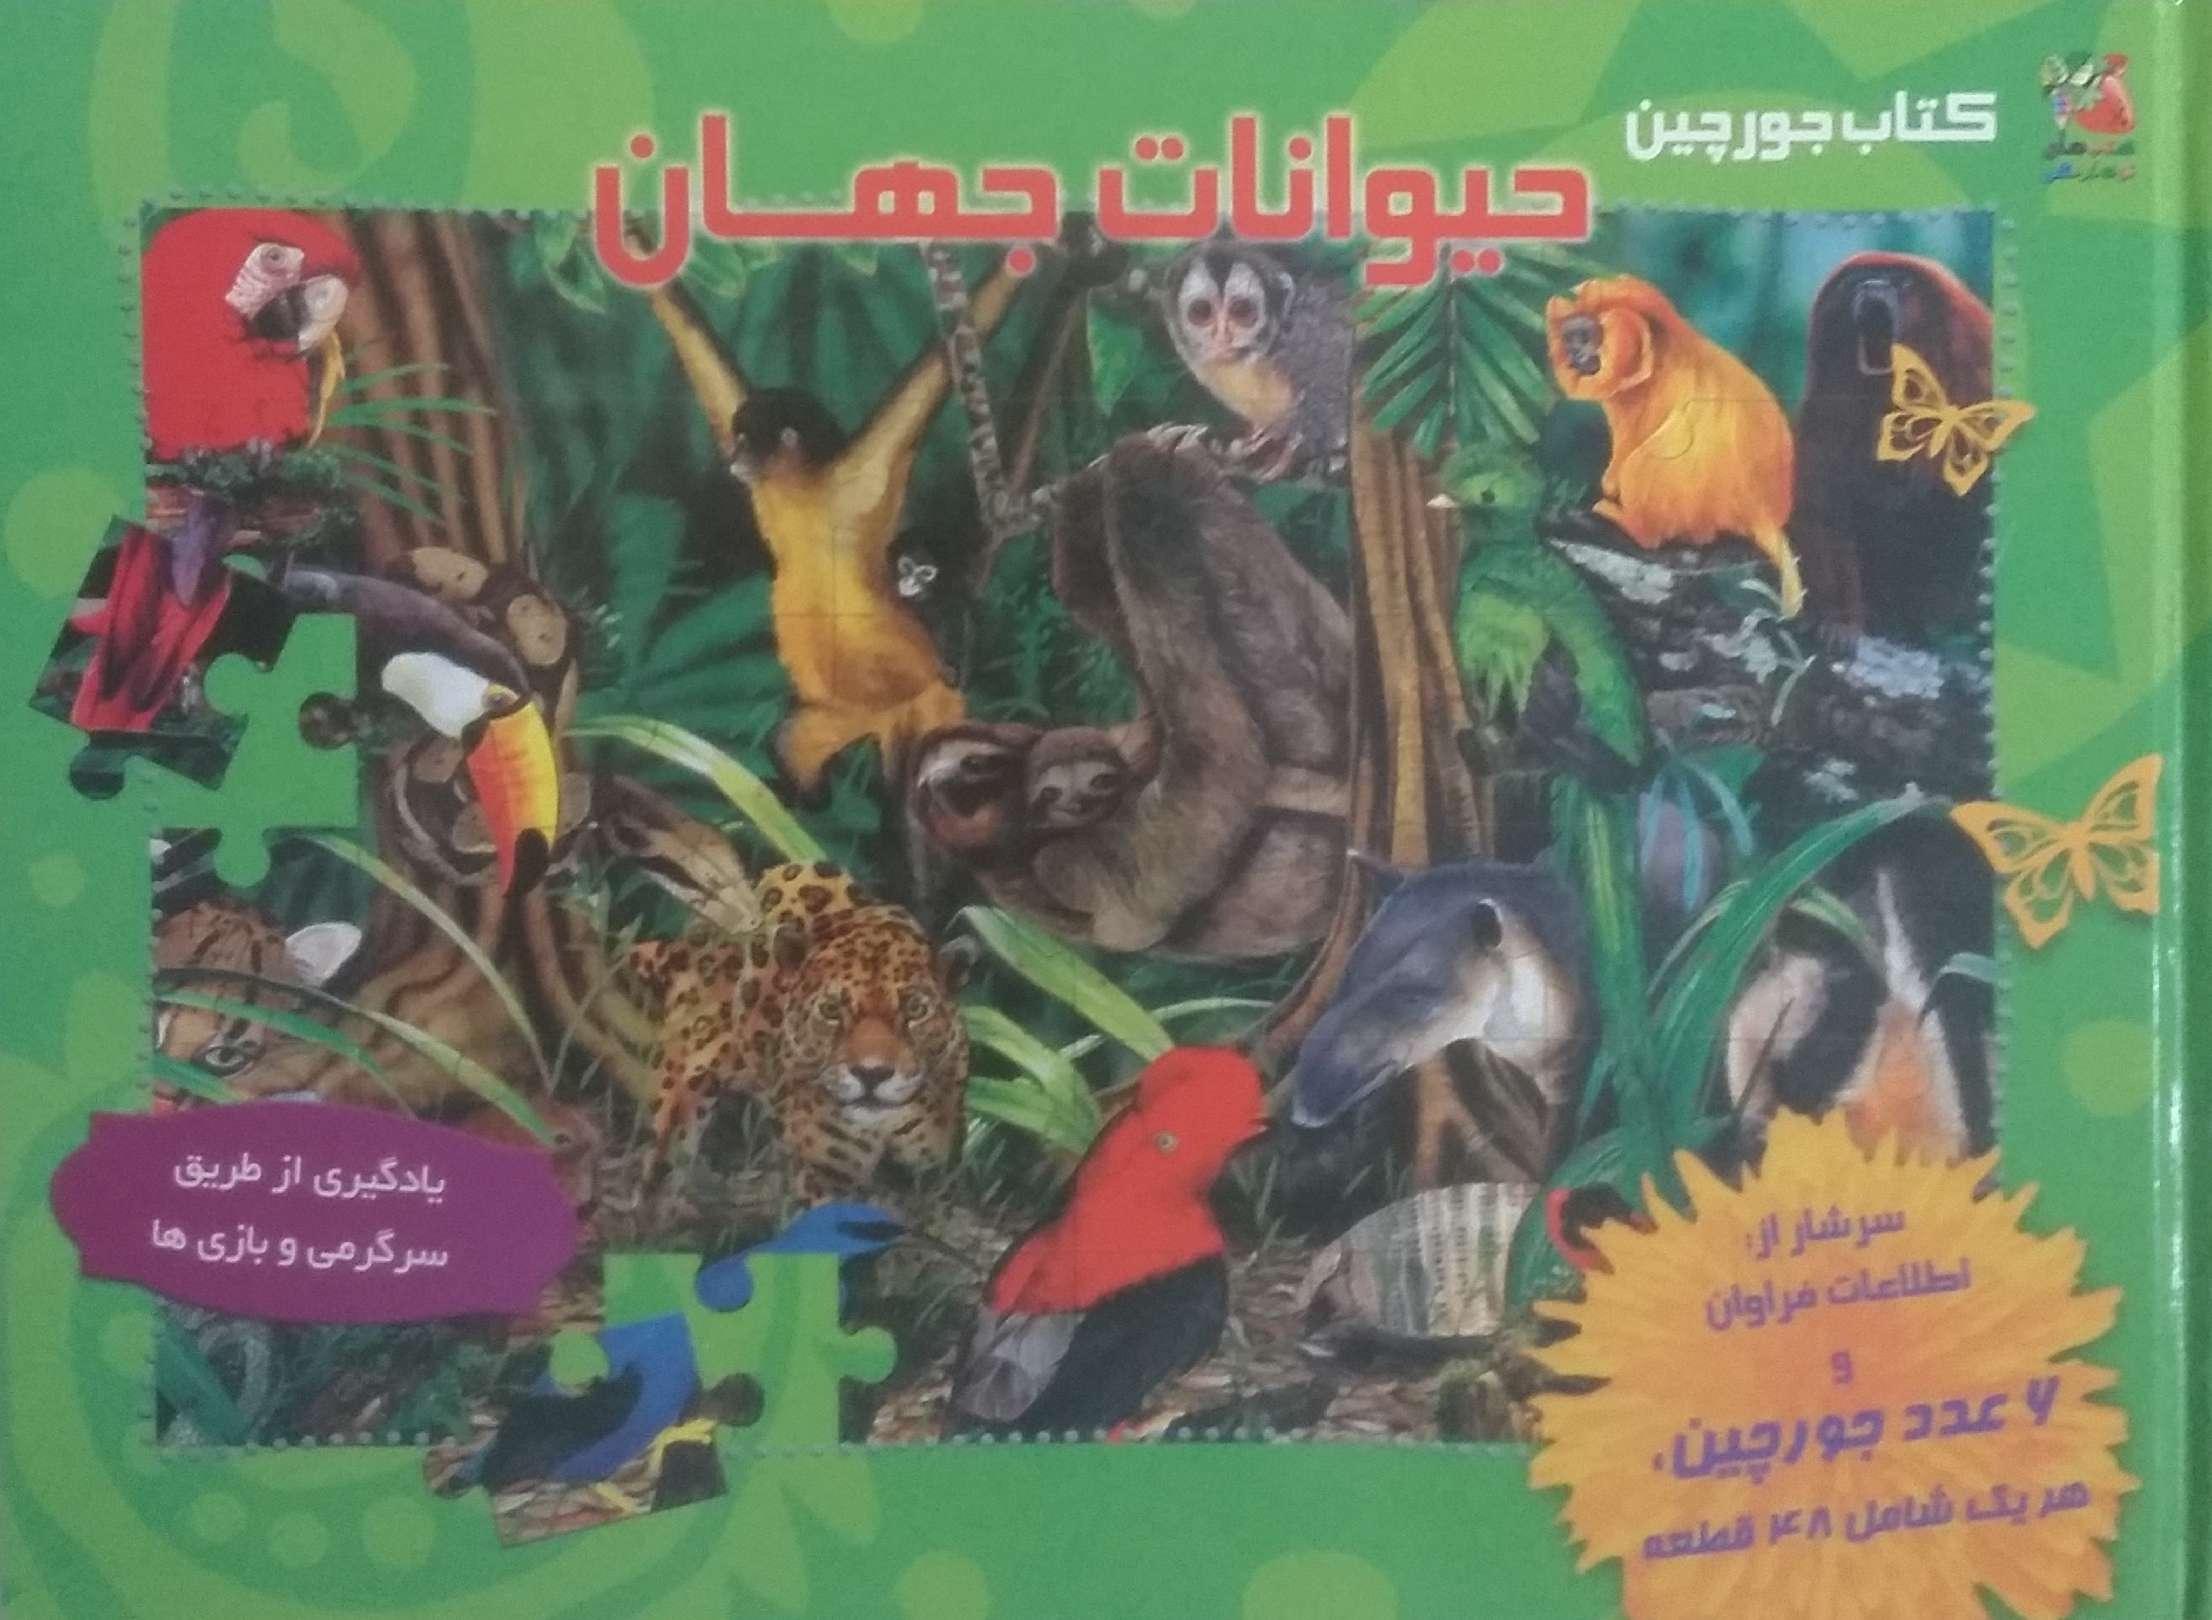 كتاب-پازل-حيوانات-جهان